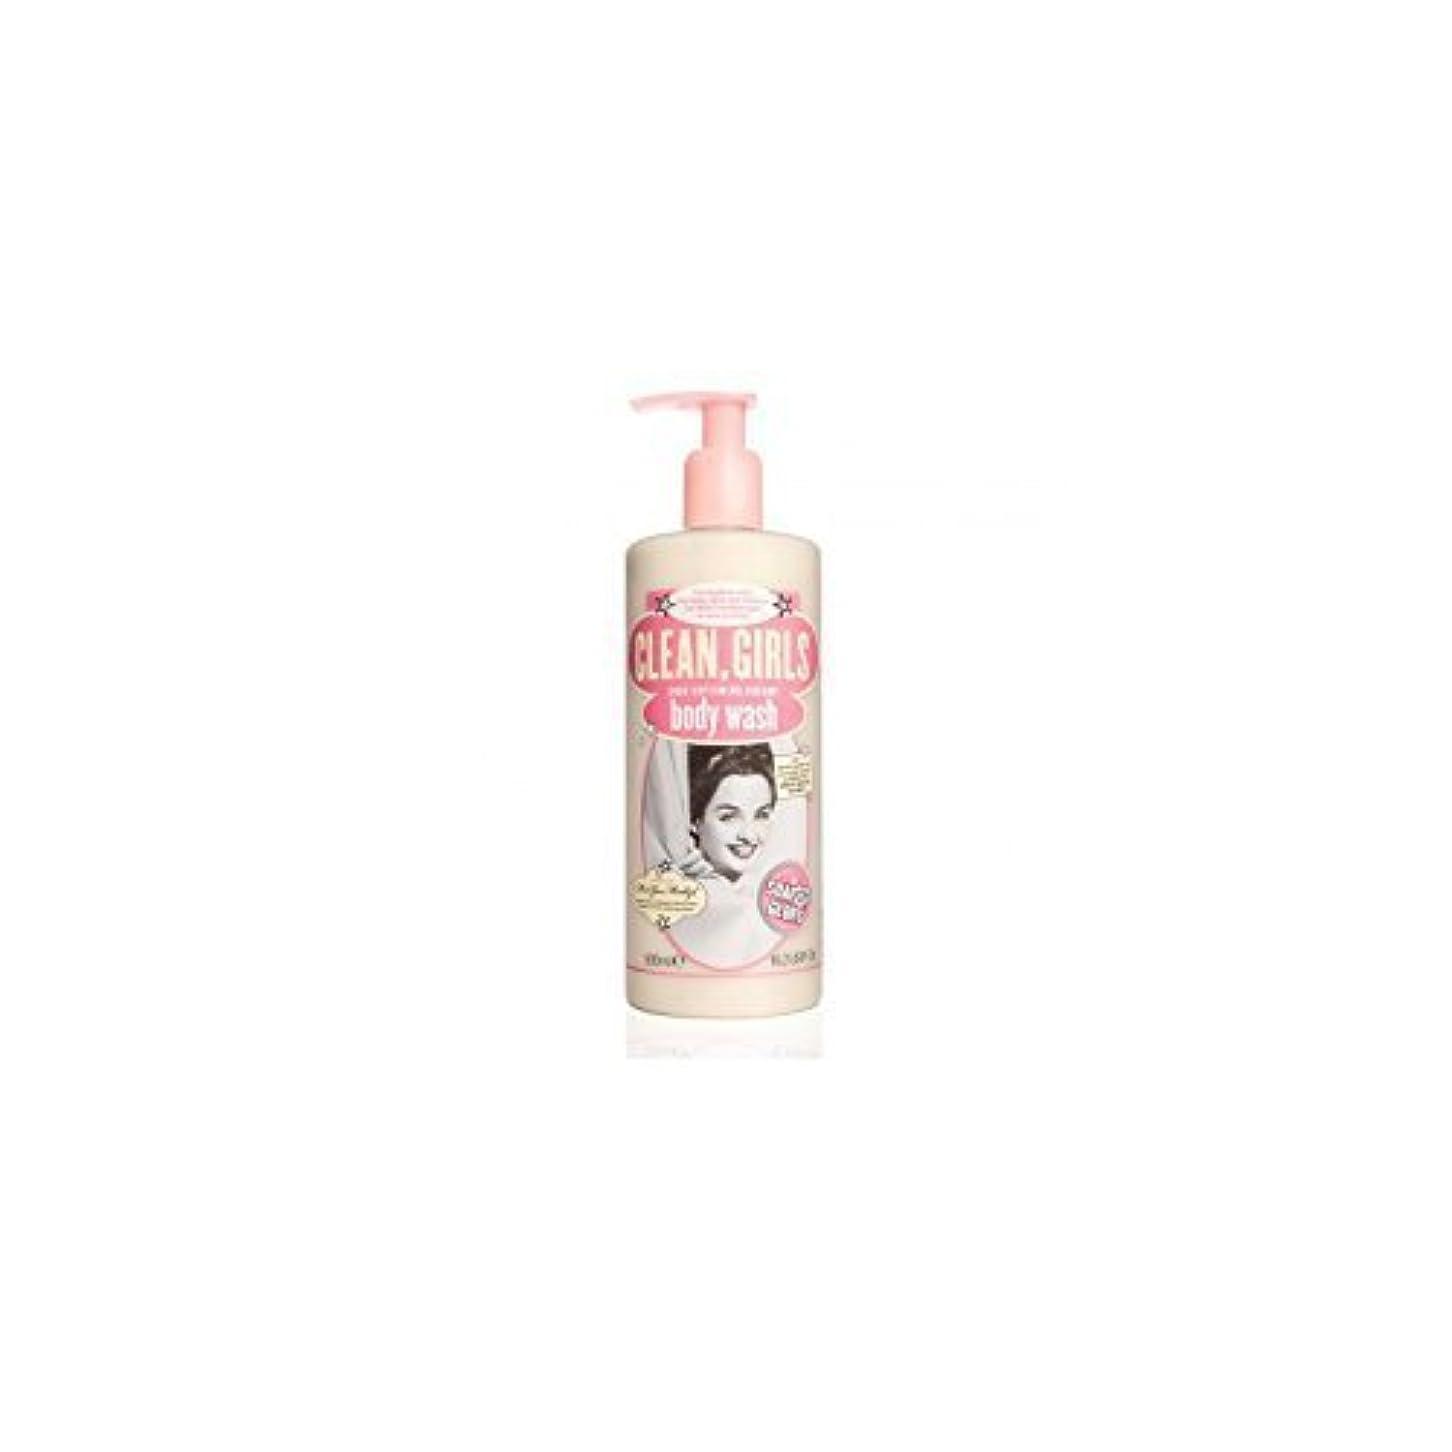 悪夢強化する撃退するSoap & Glory Clean Girls Body Wash 500ml by Trifing